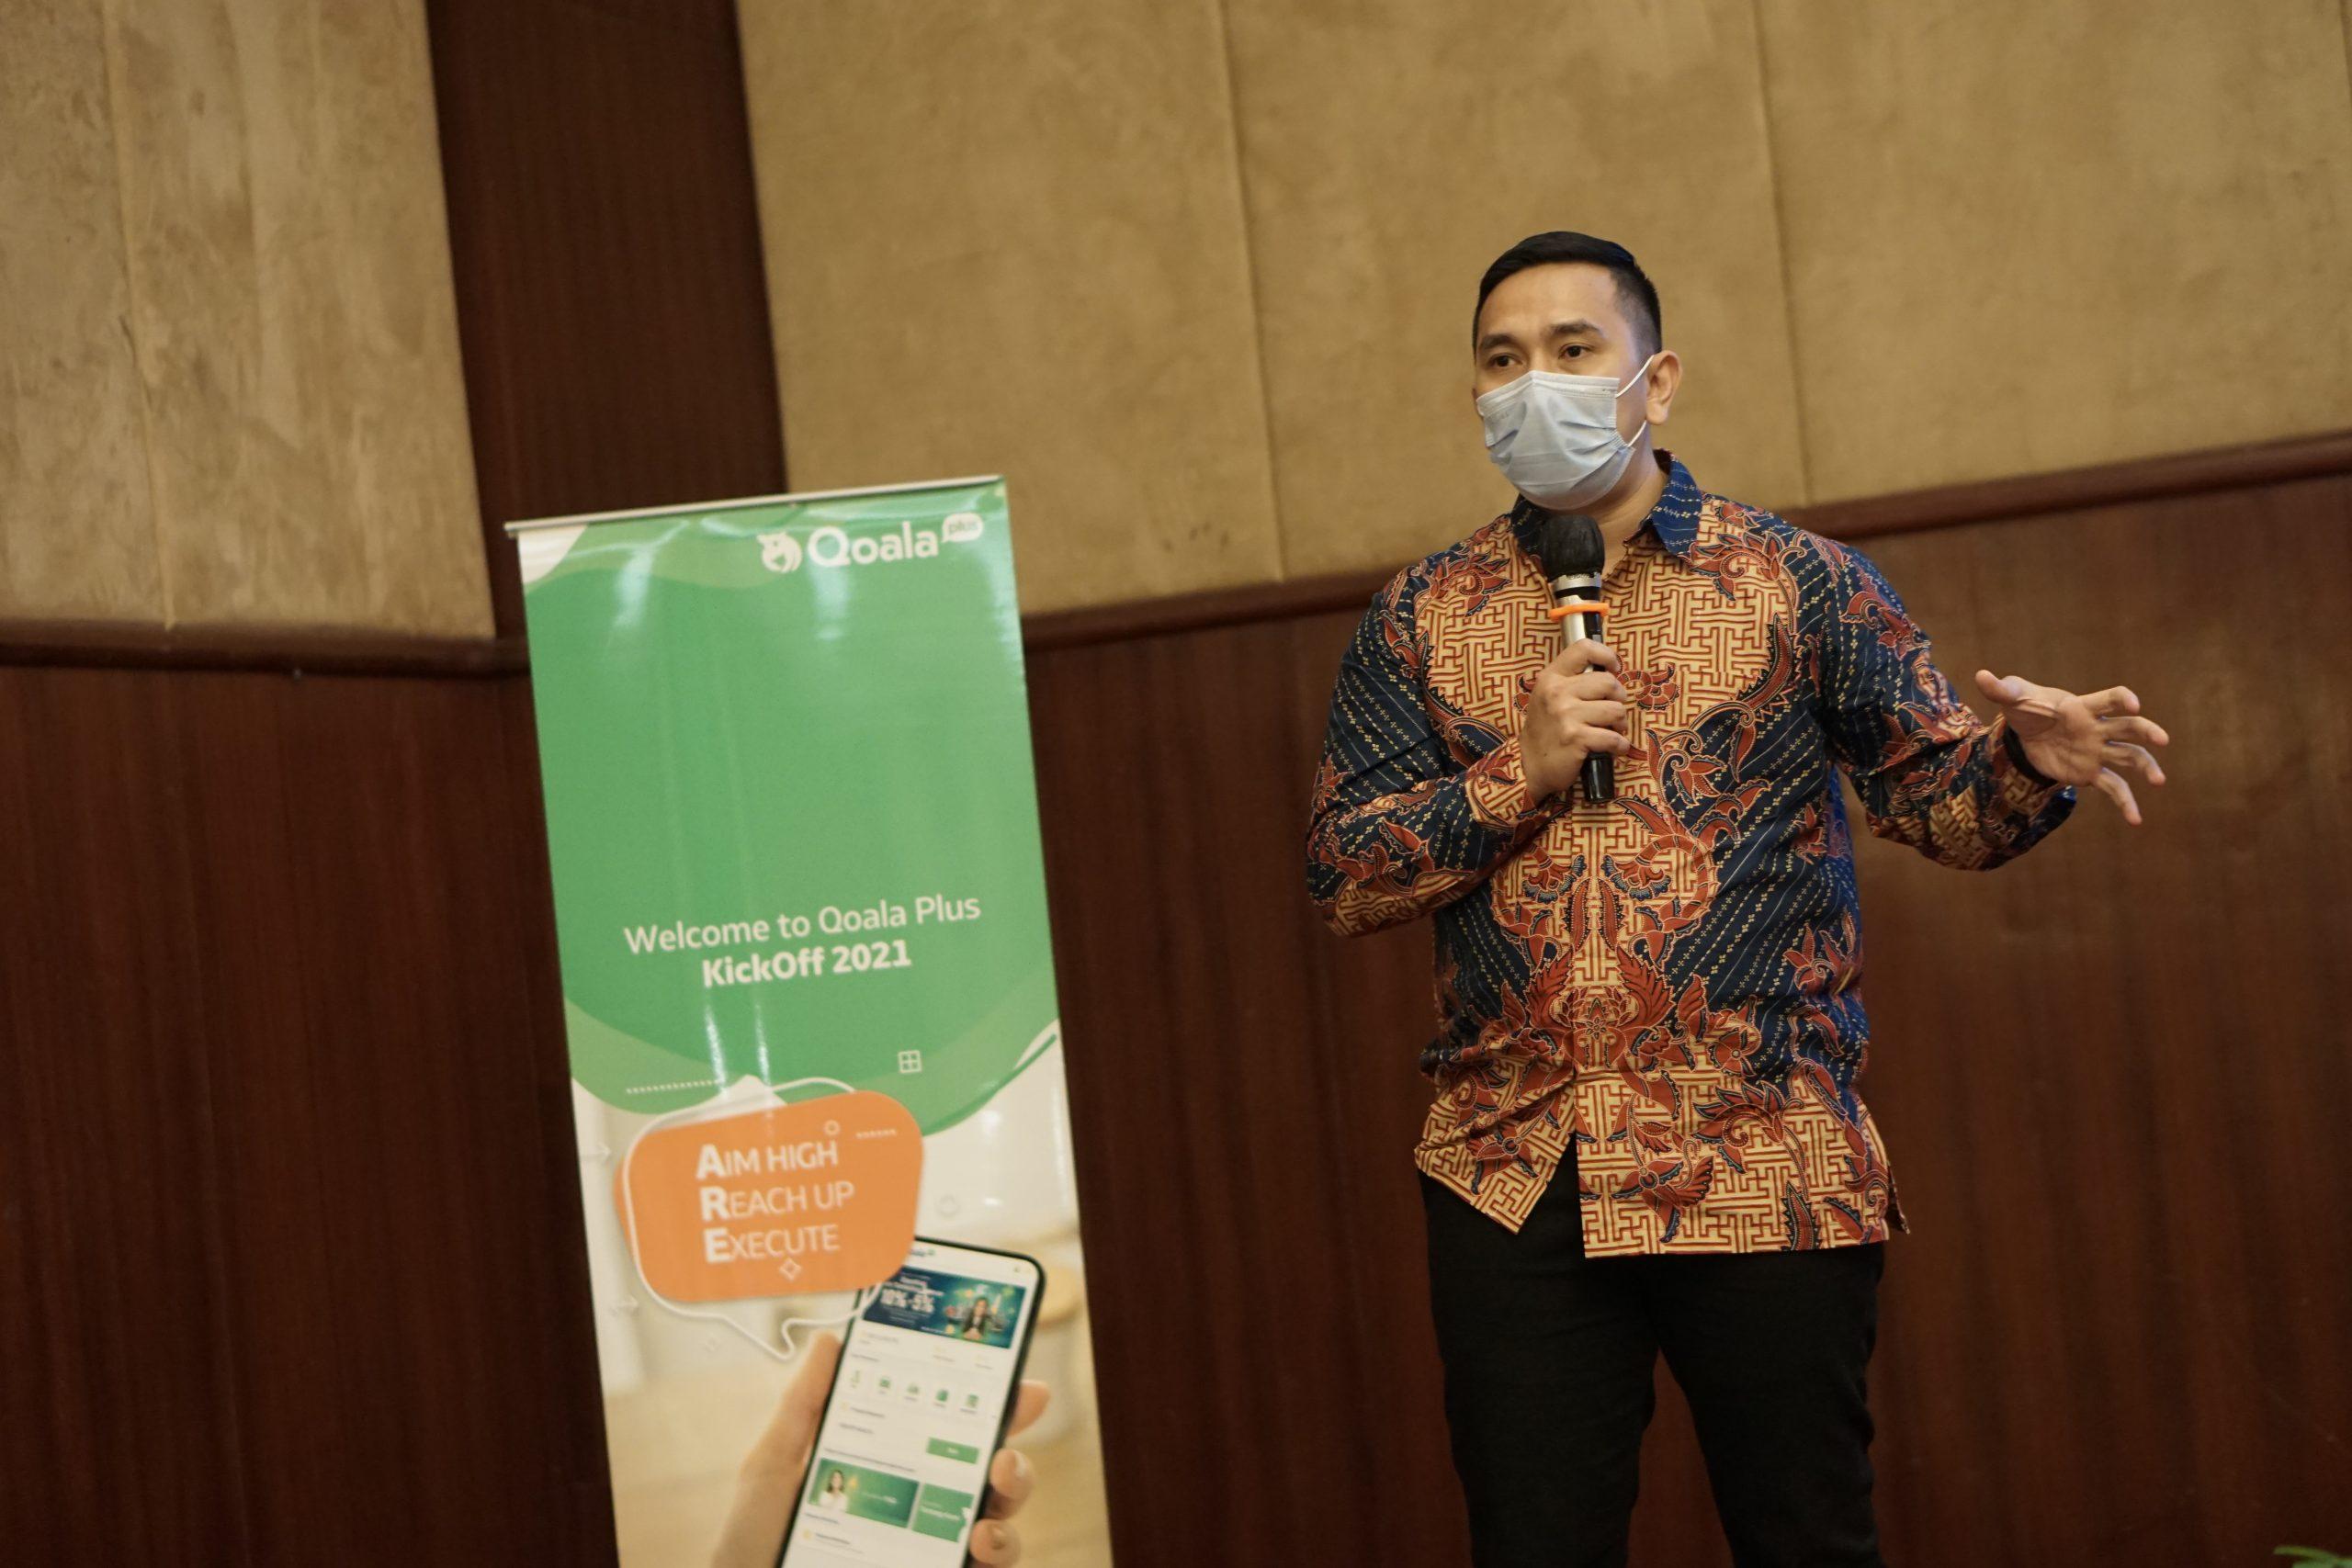 Peluang Asuransi Digital Qoala Plus Banyak Bisa Dieksplor di Jawa Tengah